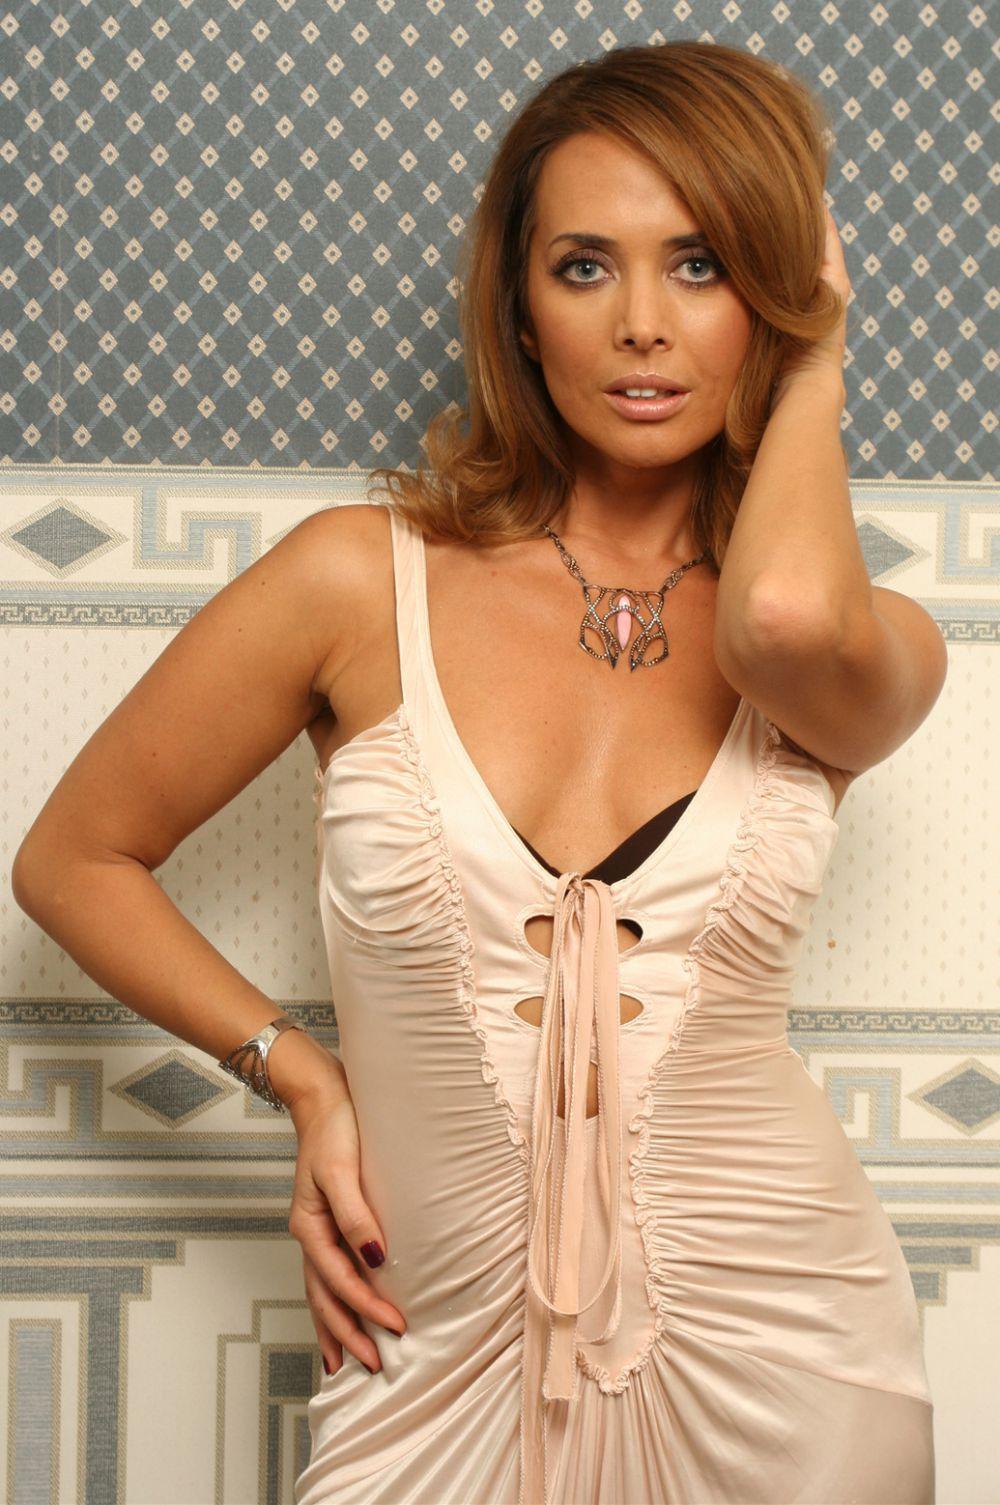 Певица снималась для различных журналов, в числе которых «Maxim», «Top Beauty», «InStyle», «OK!», «allure» и «Elle».